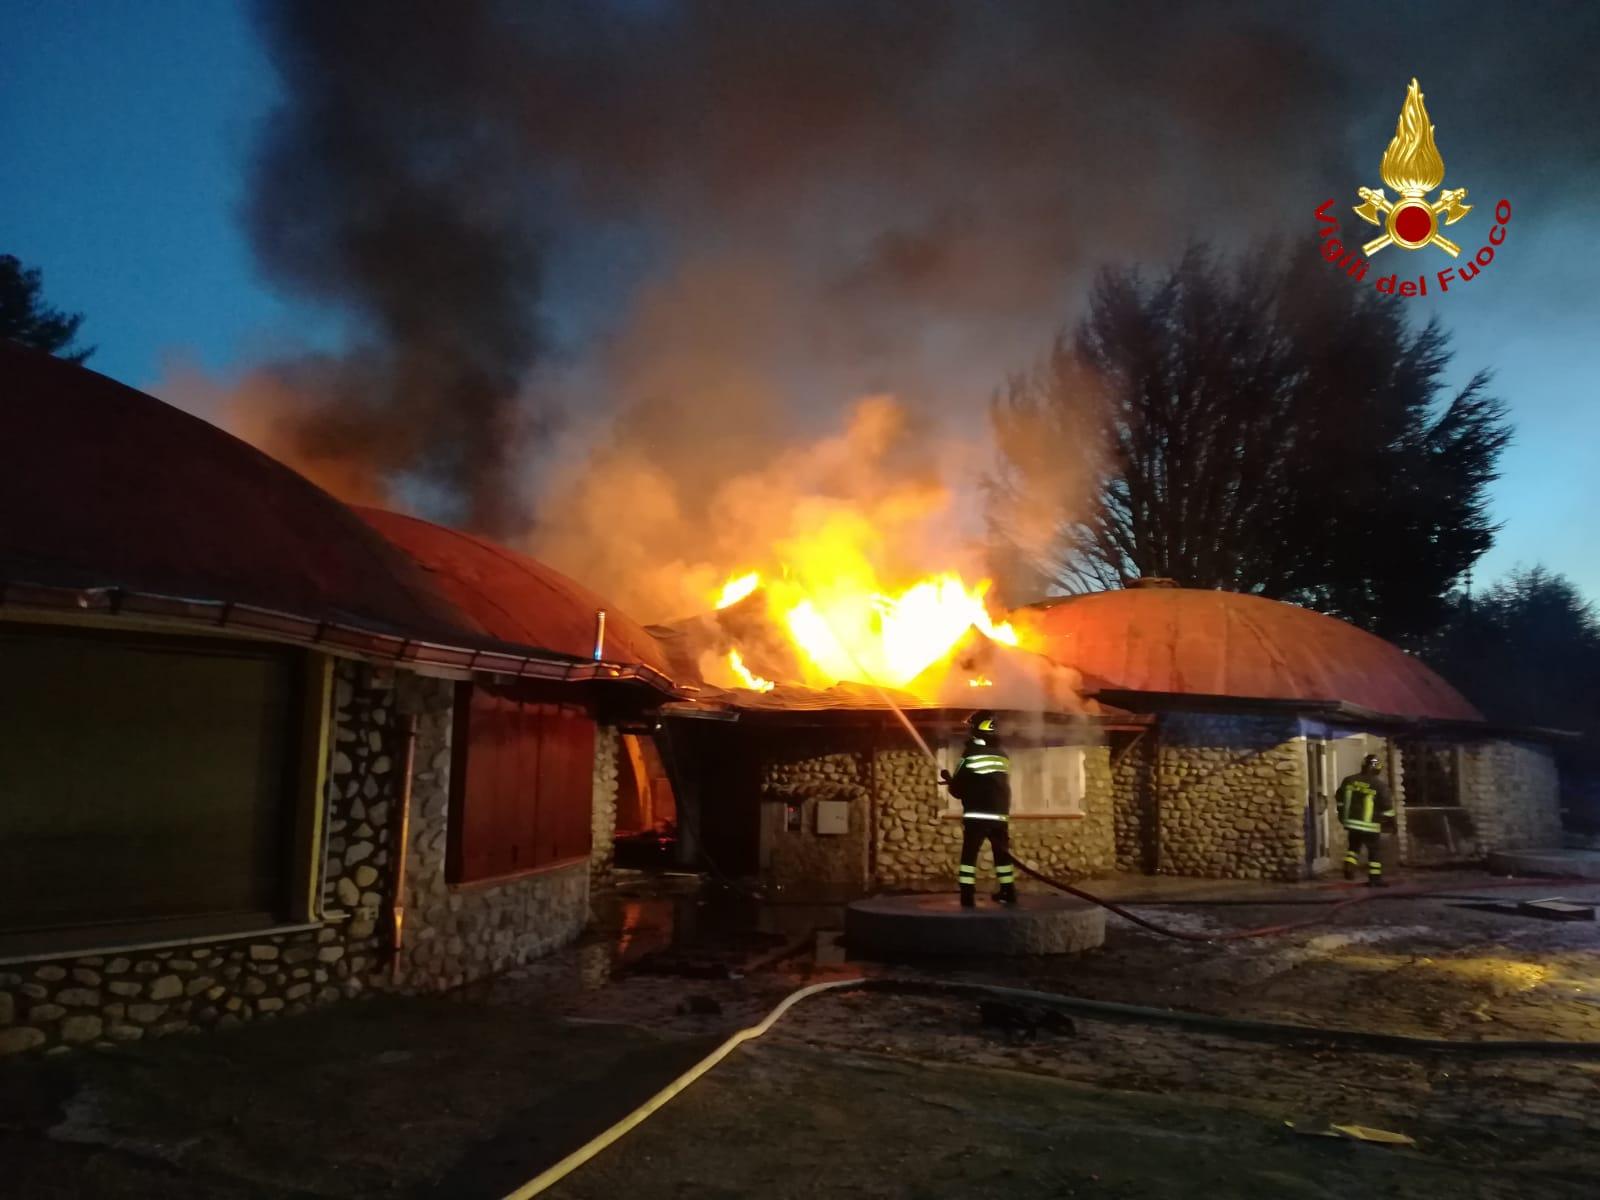 Muore l'uomo che ha incendiato negozi nel CrotoneseGravi le ustioni per l'attentato a villaggio Palumbo